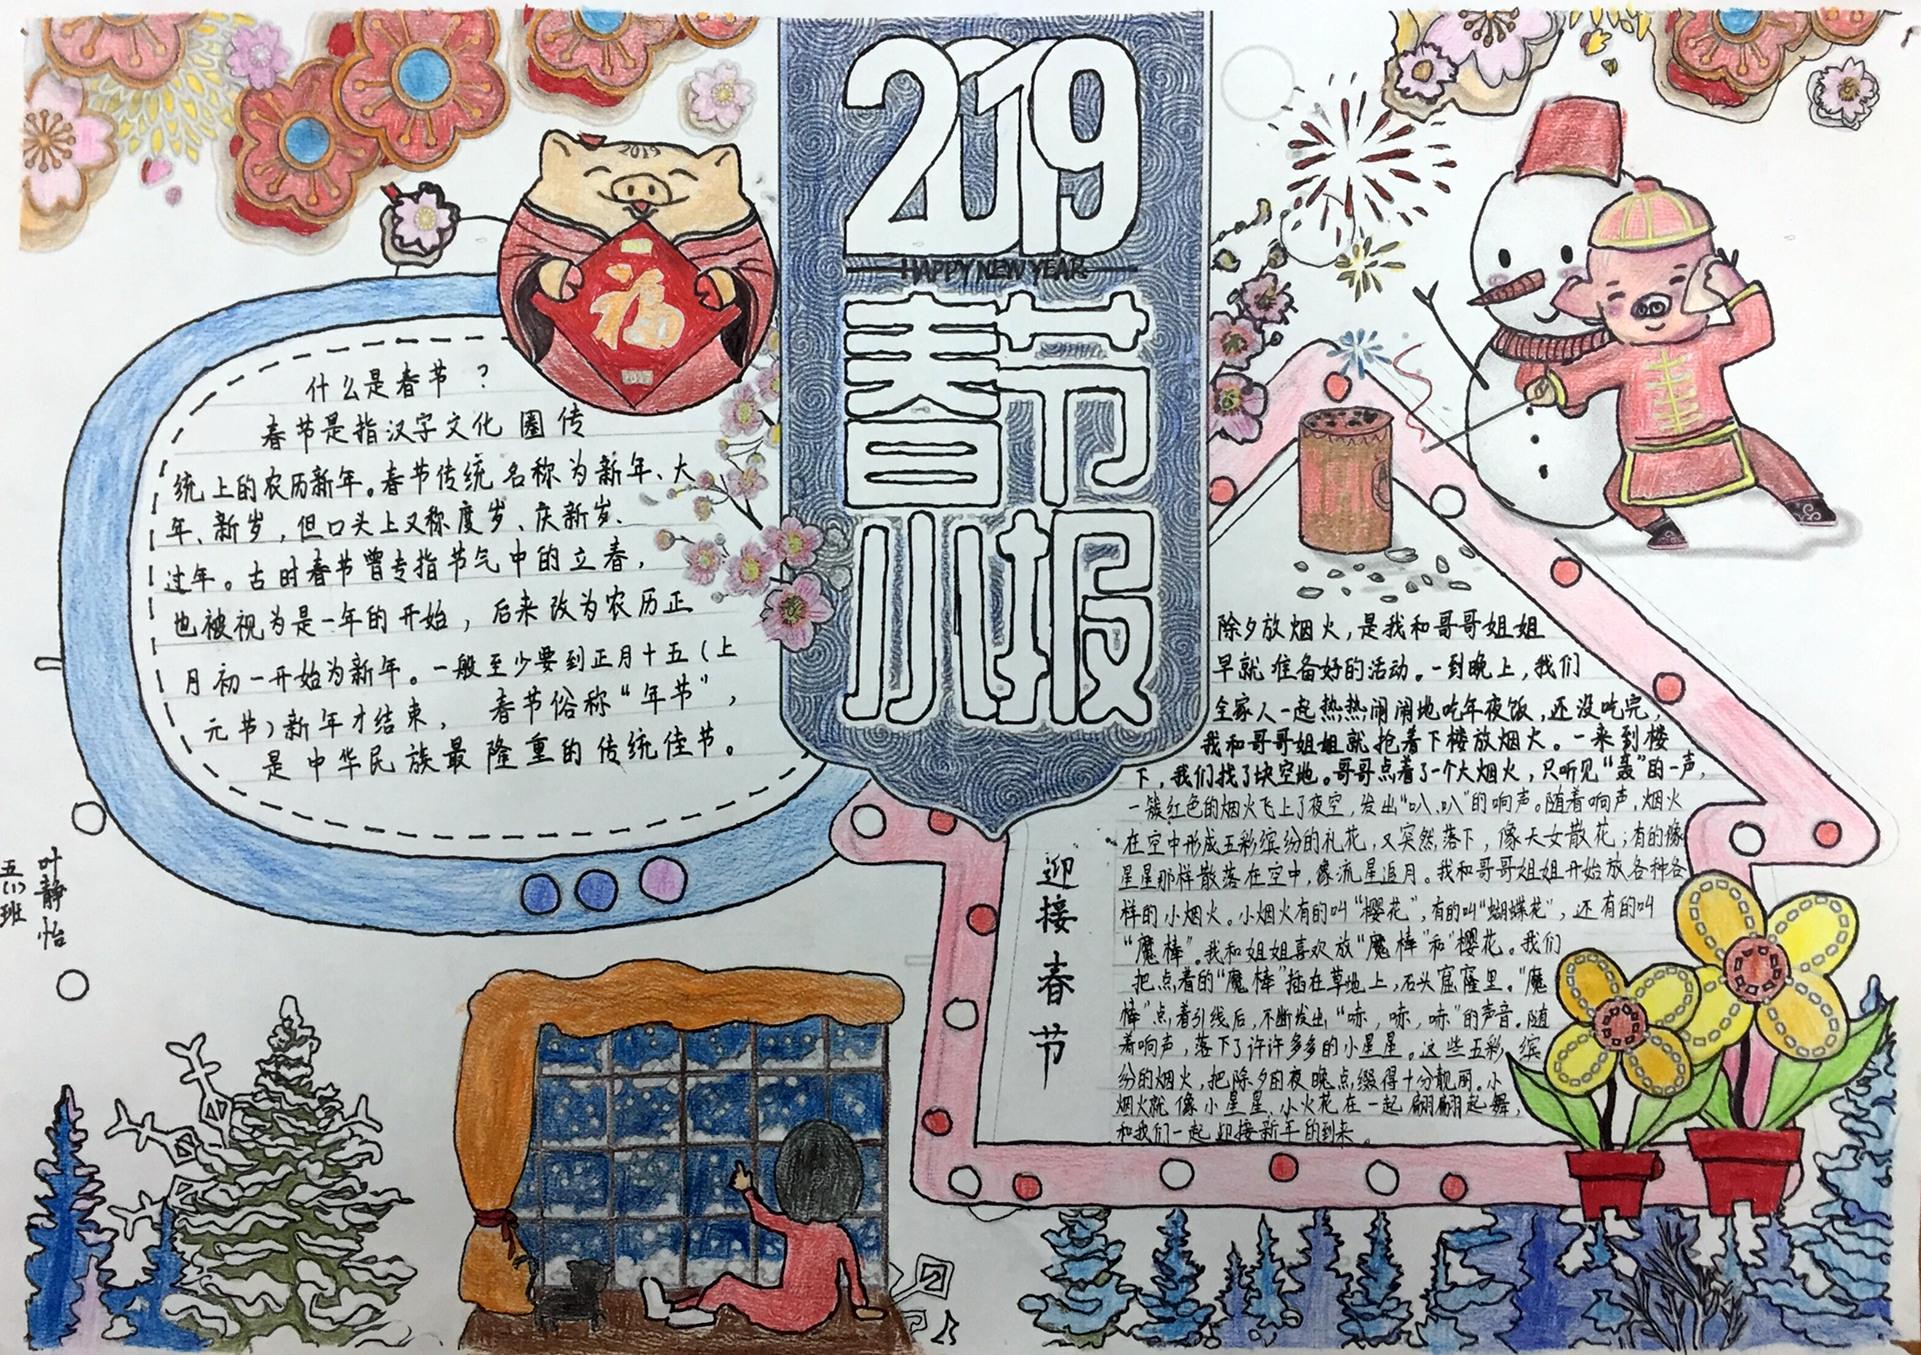 成华区-成都市建设路小学5.1班-叶静怡